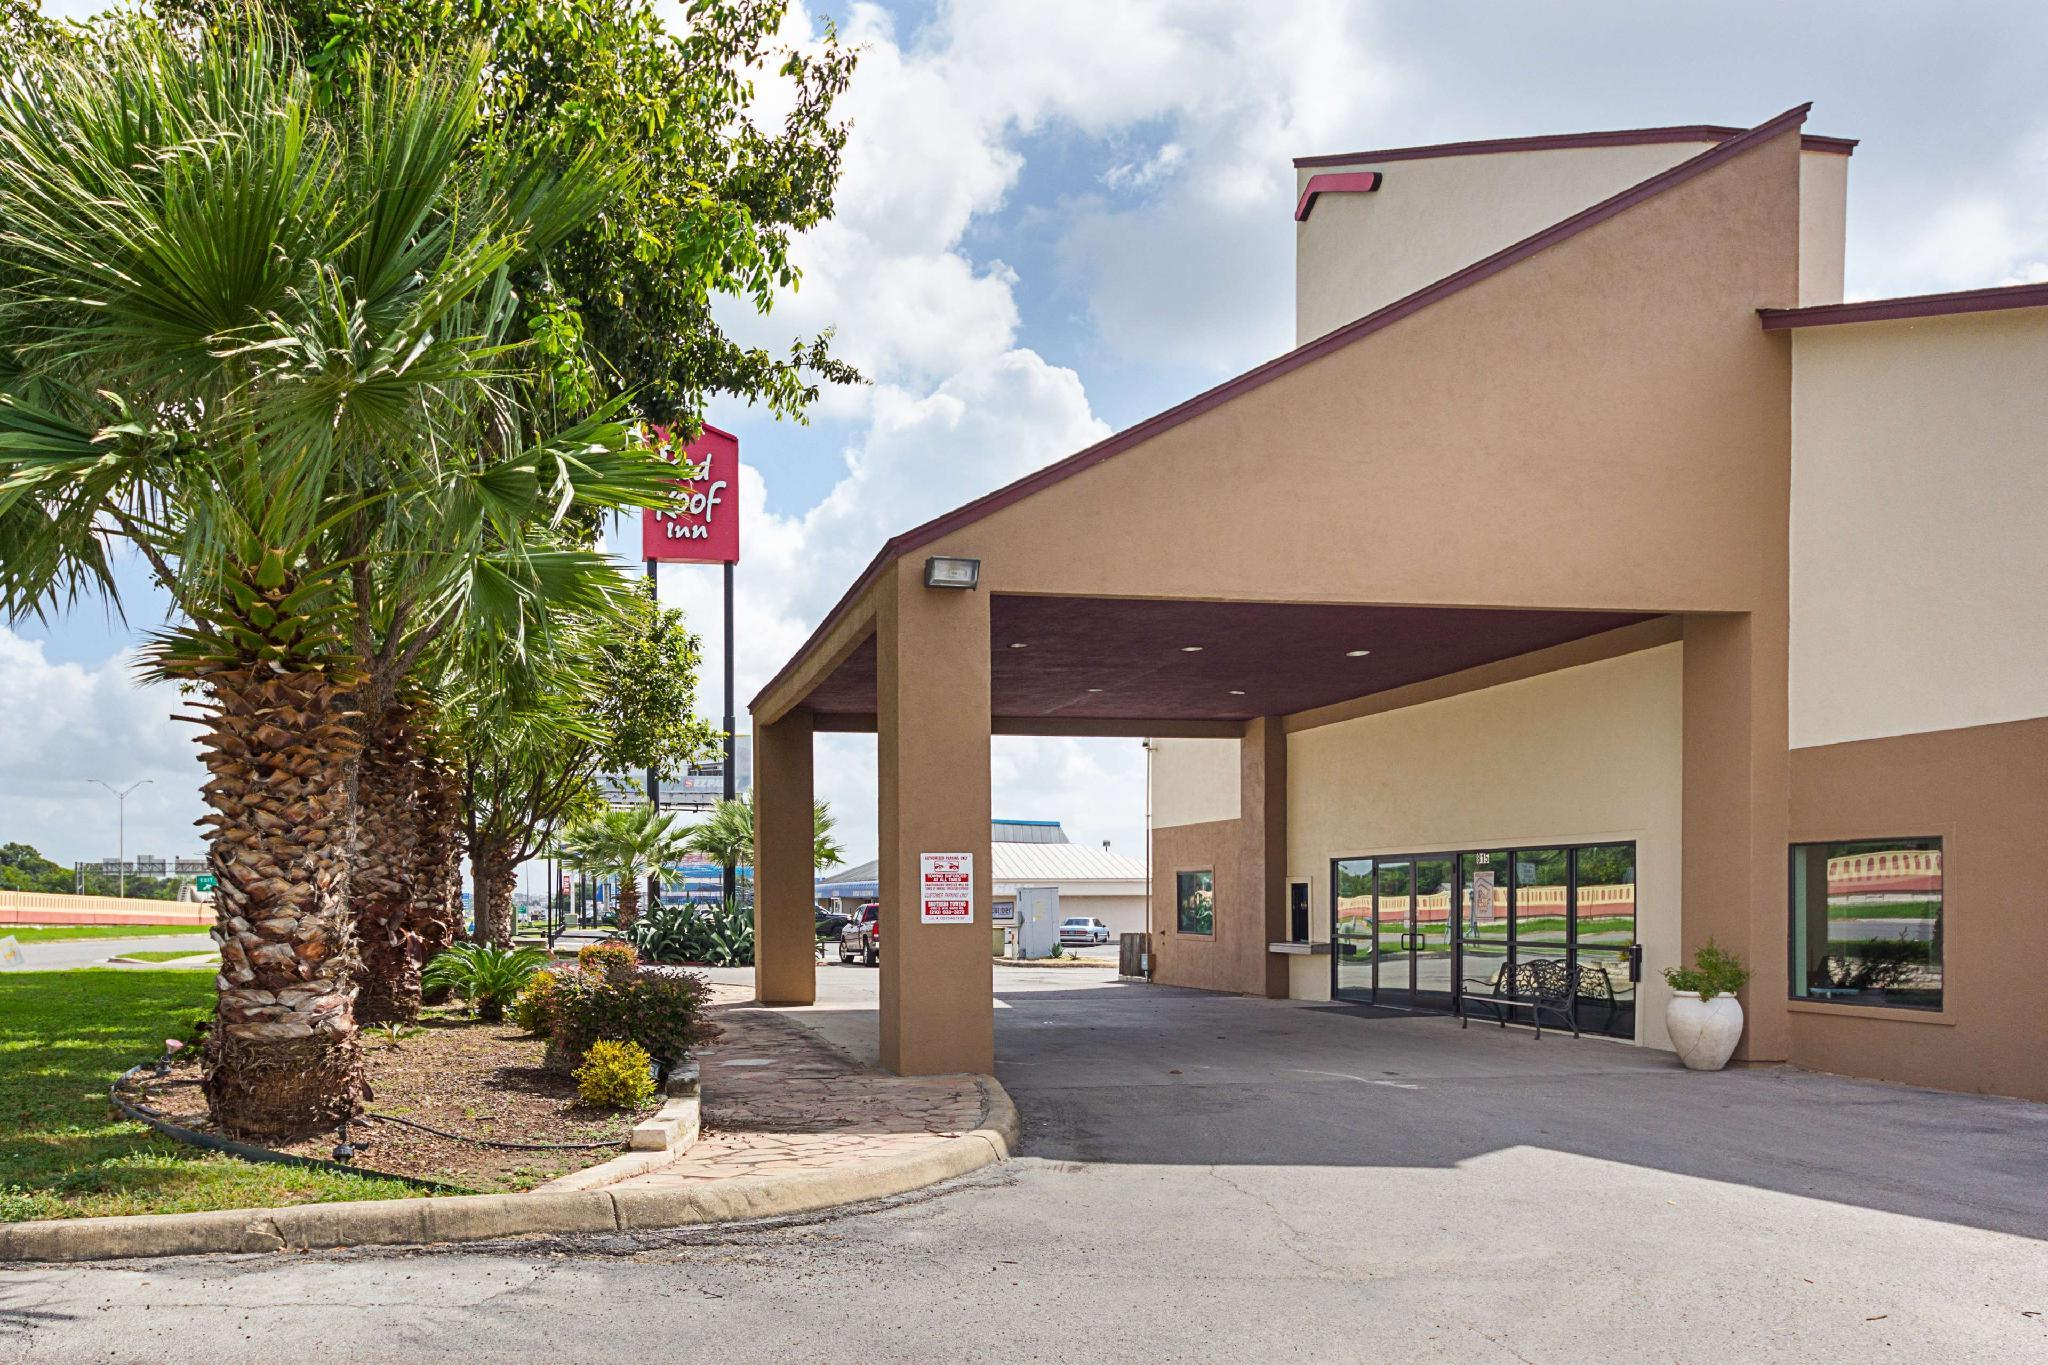 Red Roof Inn New Braunfels New Braunfels (TX) United States